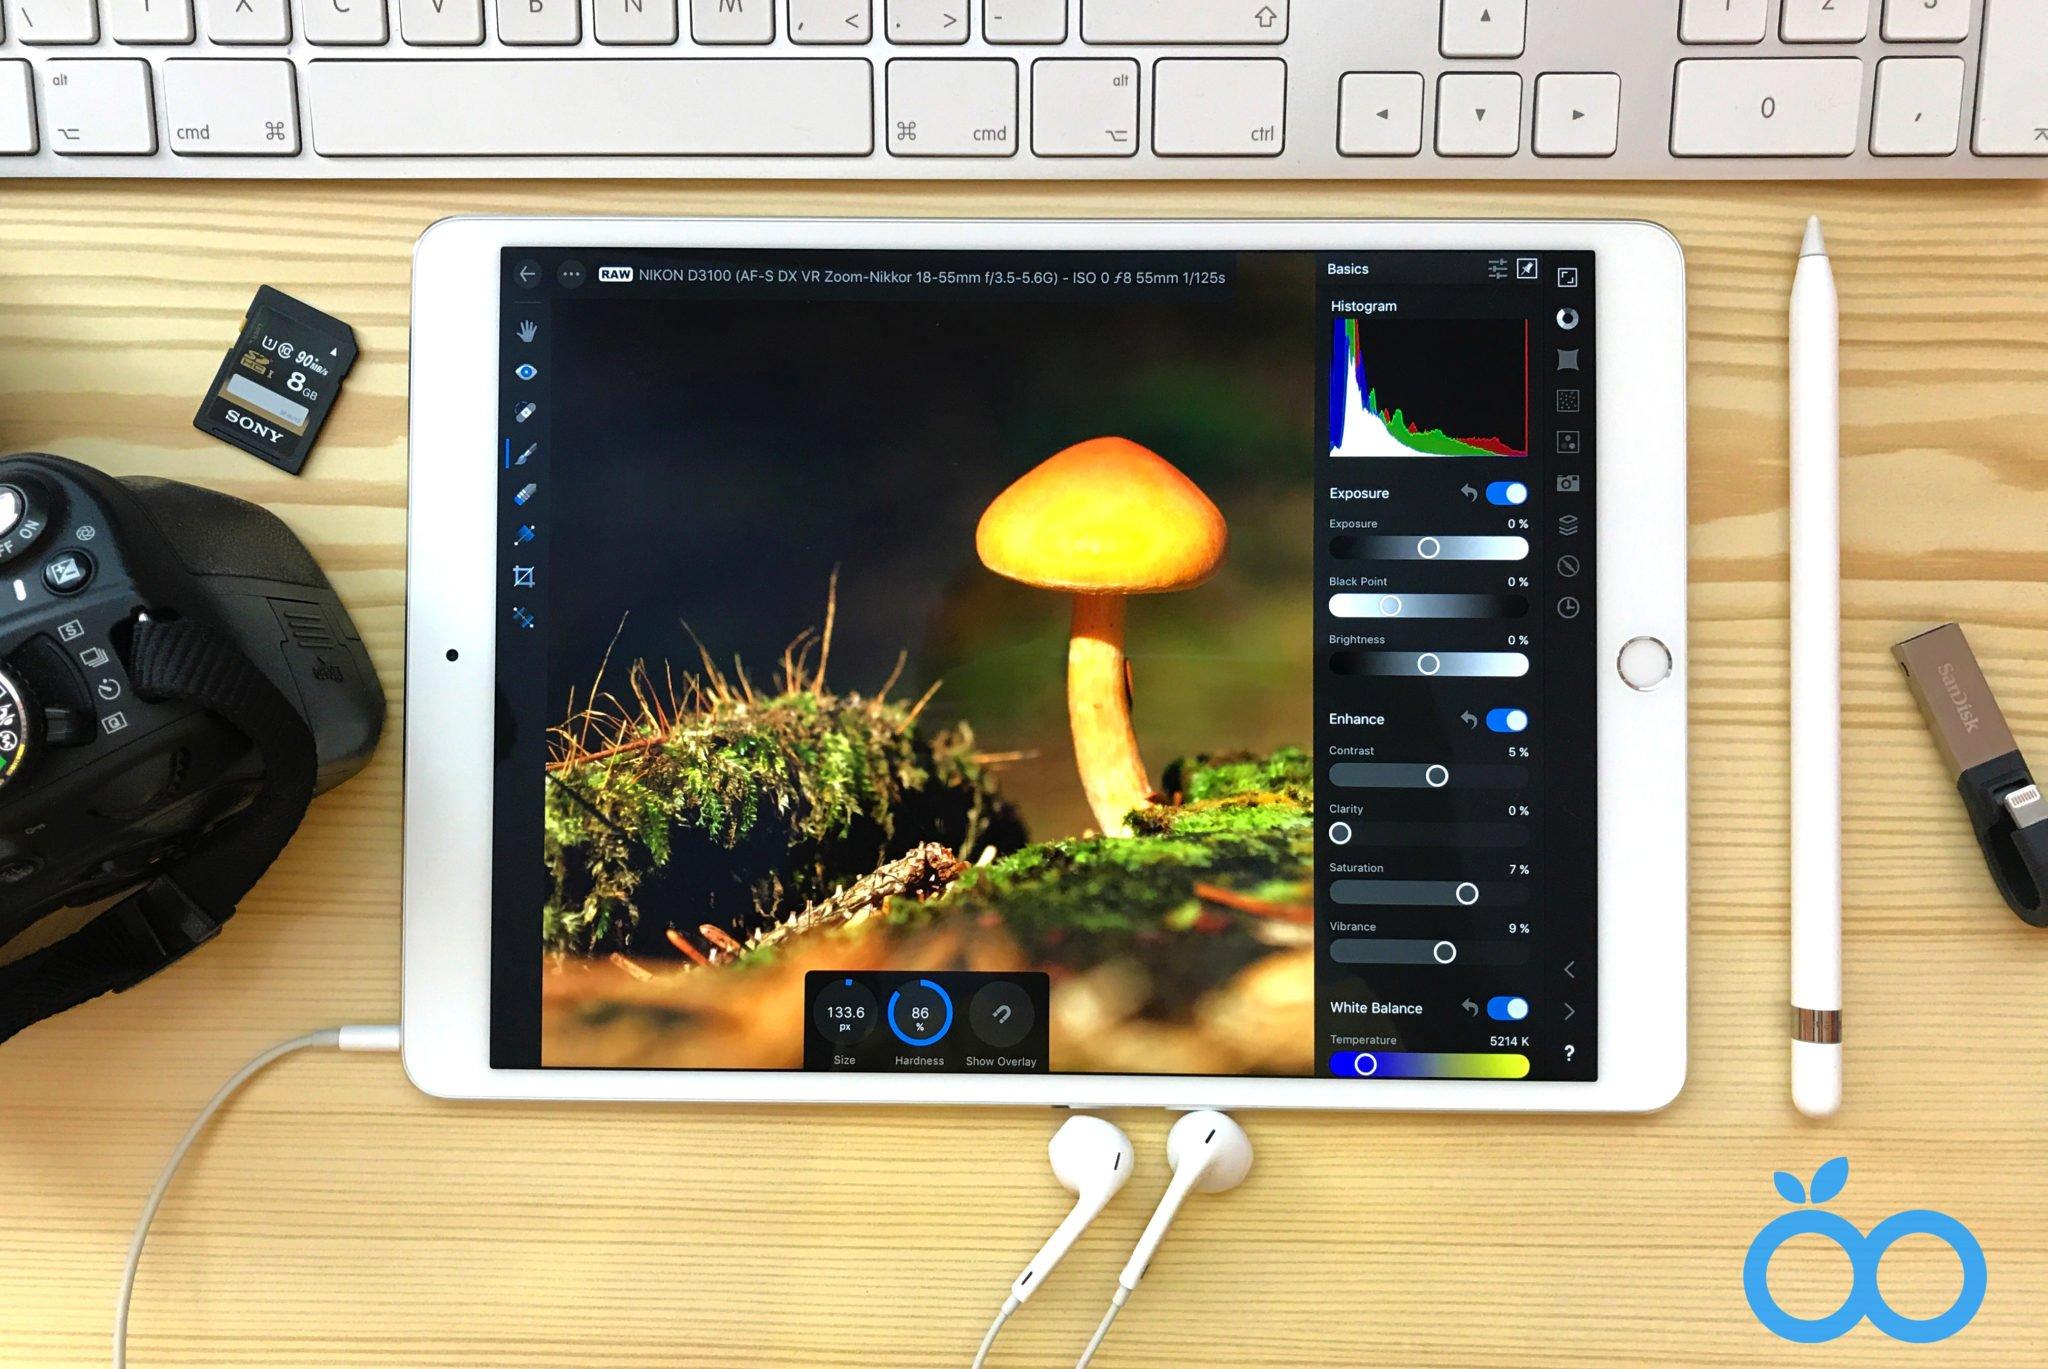 Recenze Affinity Photo pro iPad: profesionální foto aplikace se vším všudy